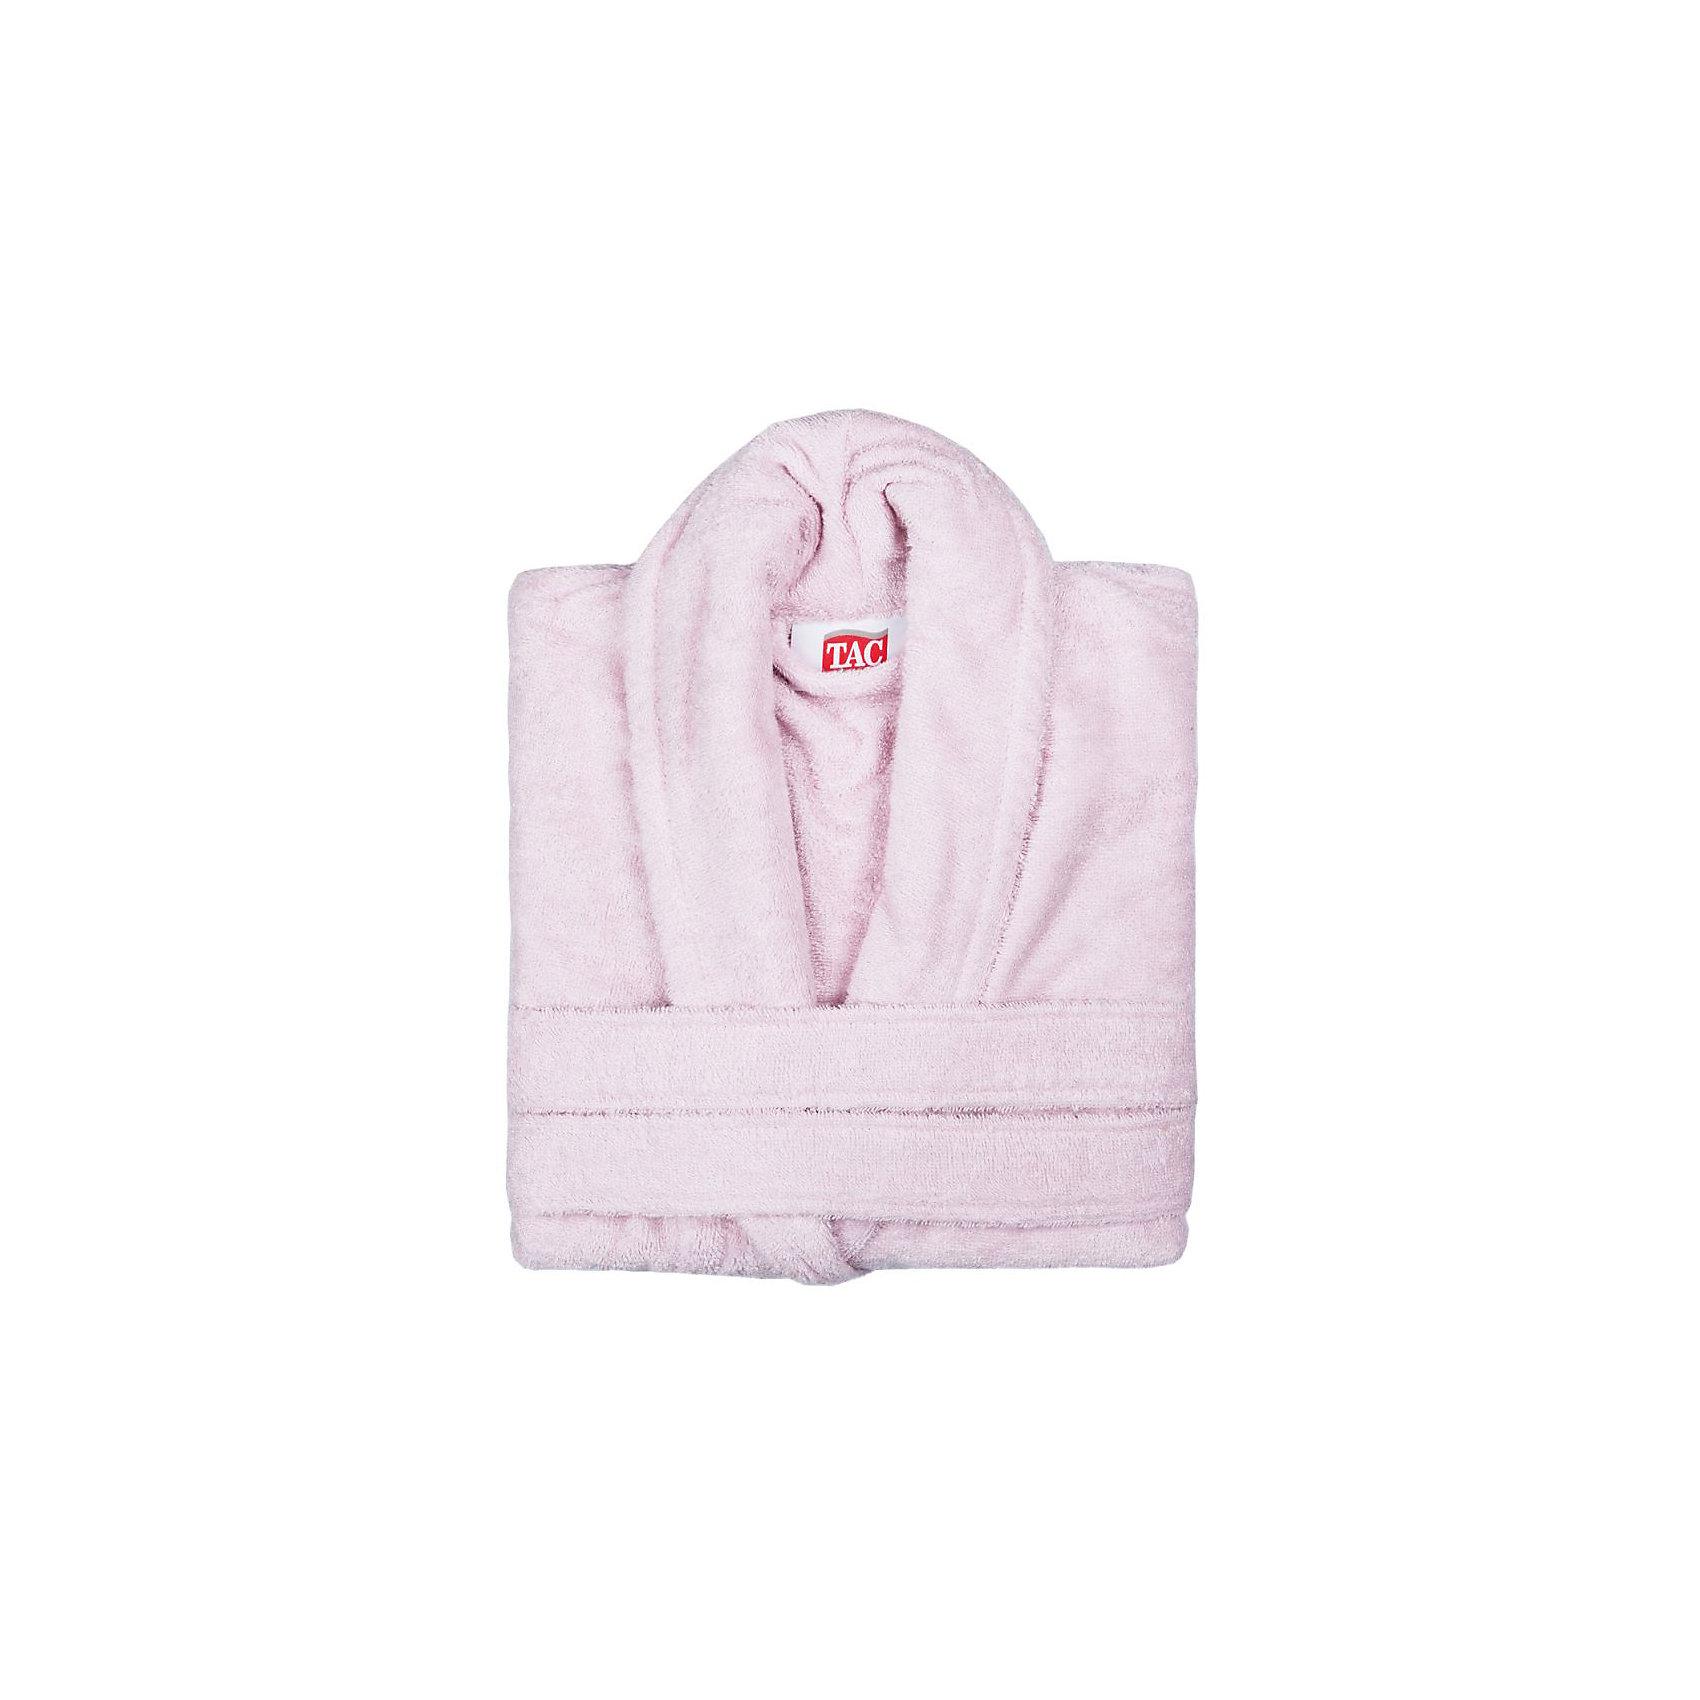 Халат махровый Maison Bambu, L/XL, TAC, розовый (pudra)Ванная комната<br>Характеристики:<br><br>• Вид домашнего текстиля: махровый халат<br>• Размер международный/российский: L/XL<br>• Пол: женский<br>• Рисунок: без рисунка<br>• Материал: хлопок, 50% хлопок; бамбук, 50%<br>• Цвет: розовый<br>• Плотность полотна: 320 гр/м2 <br>• Силуэт: прямой<br>• Рукав: длинный<br>• Воротник: отложной<br>• Застежка: пояс<br>• Вес в упаковке: 1 кг 130 г<br>• Размеры упаковки (Д*Ш*В): 40*10*32 см<br>• Особенности ухода: машинная стирка <br><br>Халат махровый Maison Bambu, L/XL, TAC, розовый (pudra) от наиболее популярного бренда на отечественном рынке среди производителей комплектов постельного белья и текстильных принадлежностей, выпуском которого занимается производственная компания, являющаяся частью мирового холдинга Zorlu Holding Textiles Group. Халат выполнен из сочетания натурального хлопка и бамбукового волокна, что обеспечивает гипоаллергенность, высокую износоустойчивость, повышенные гигкоскопические и антибактериальные свойства изделия. Благодаря высокой степени плотности махры, халат отлично впитывает влагу, но при этом остается мягким. <br><br>Ворс окрашен стойкими нетоксичными красителями, который не оставляет запаха и обеспечивает ровный окрас. Изделие сохраняет свой цвет и форму даже при частых стирках. Халат прямого кроя с длинными рукавами и отложным воротником идеально подходит для посещения бани или сауны, а в прохладные вечера обеспечит комфорт и уют своему владельцу. Выполнен в розовом цвете без рисунка.<br><br>Халат махровый Maison Bambu, L/XL, TAC, розовый (pudra) можно купить в нашем интернет-магазине.<br><br>Ширина мм: 290<br>Глубина мм: 90<br>Высота мм: 400<br>Вес г: 1400<br>Возраст от месяцев: 216<br>Возраст до месяцев: 1188<br>Пол: Женский<br>Возраст: Детский<br>SKU: 5476365